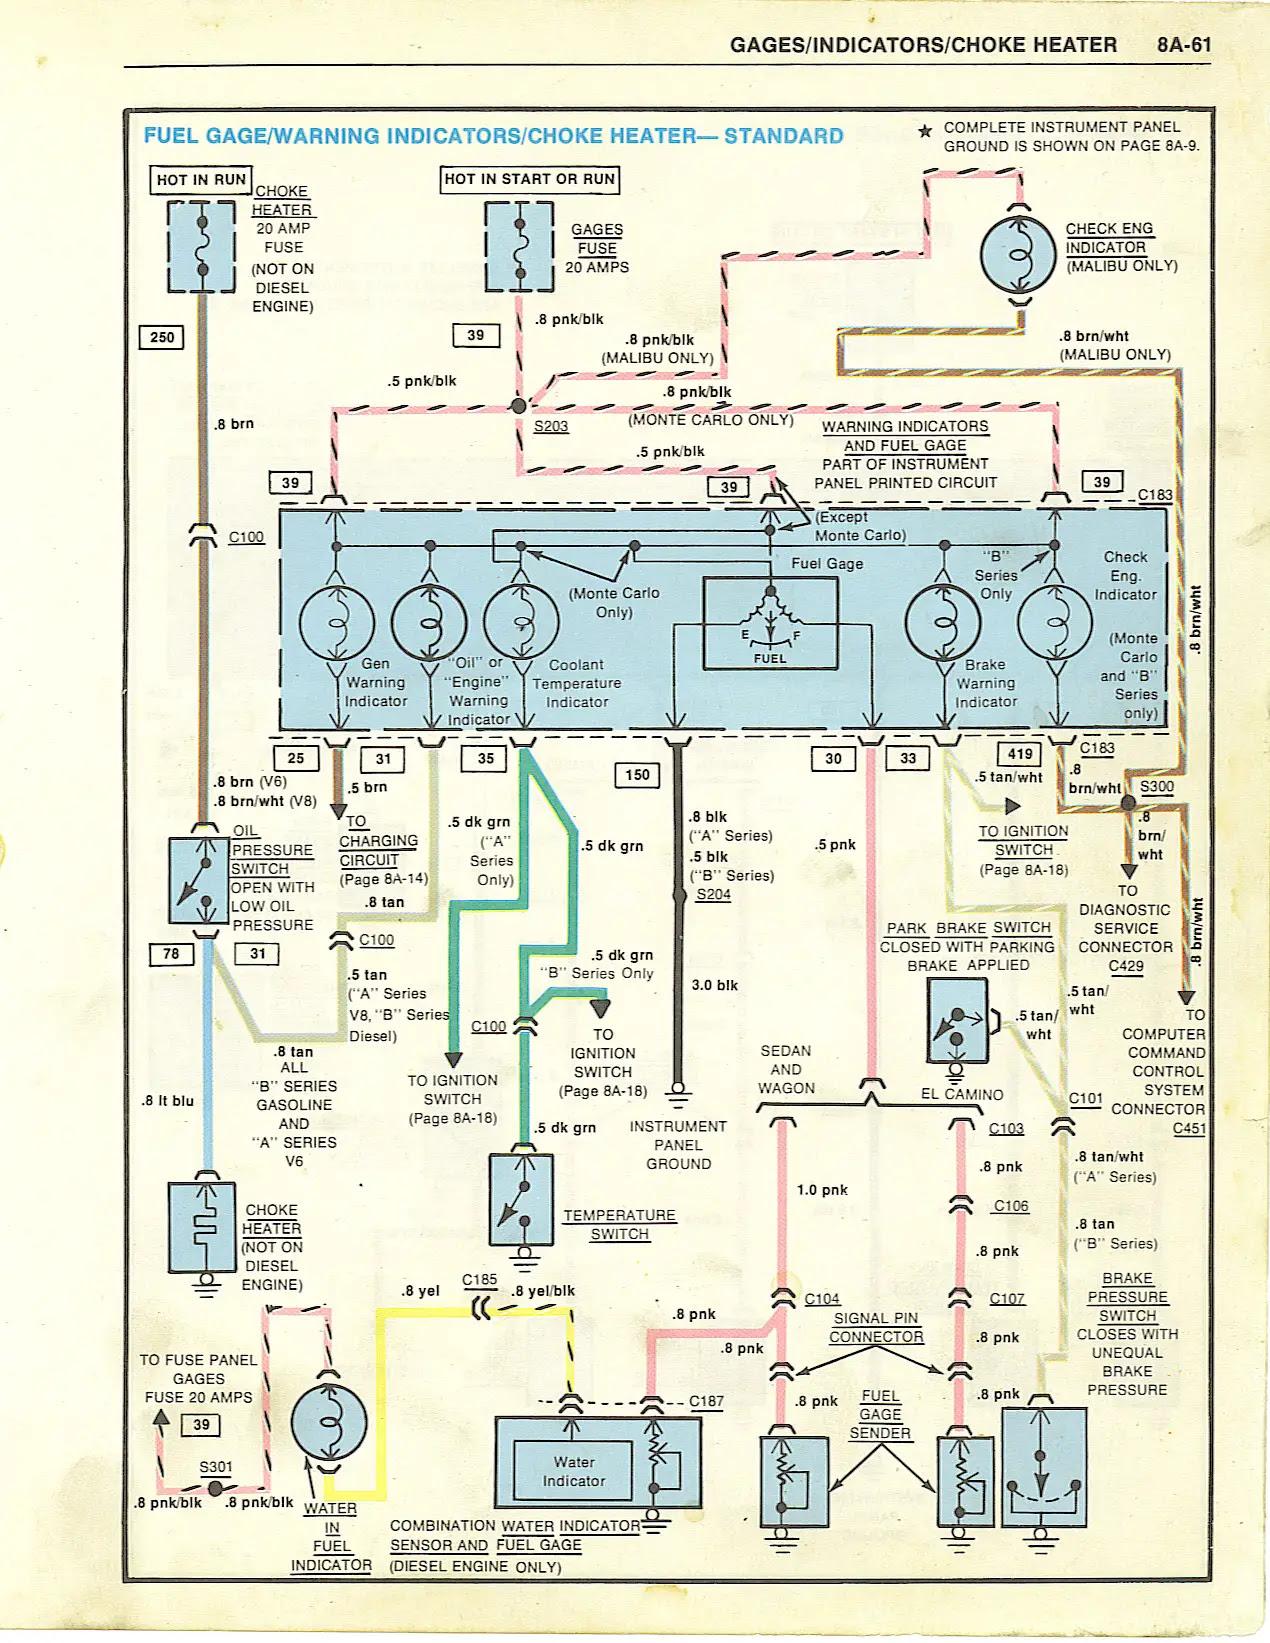 84 El Camino Wiring Diagram - Wiring Diagram Networks | 1981 Buick G Body Ecm Wiring Diagram |  | Wiring Diagram Networks - blogger